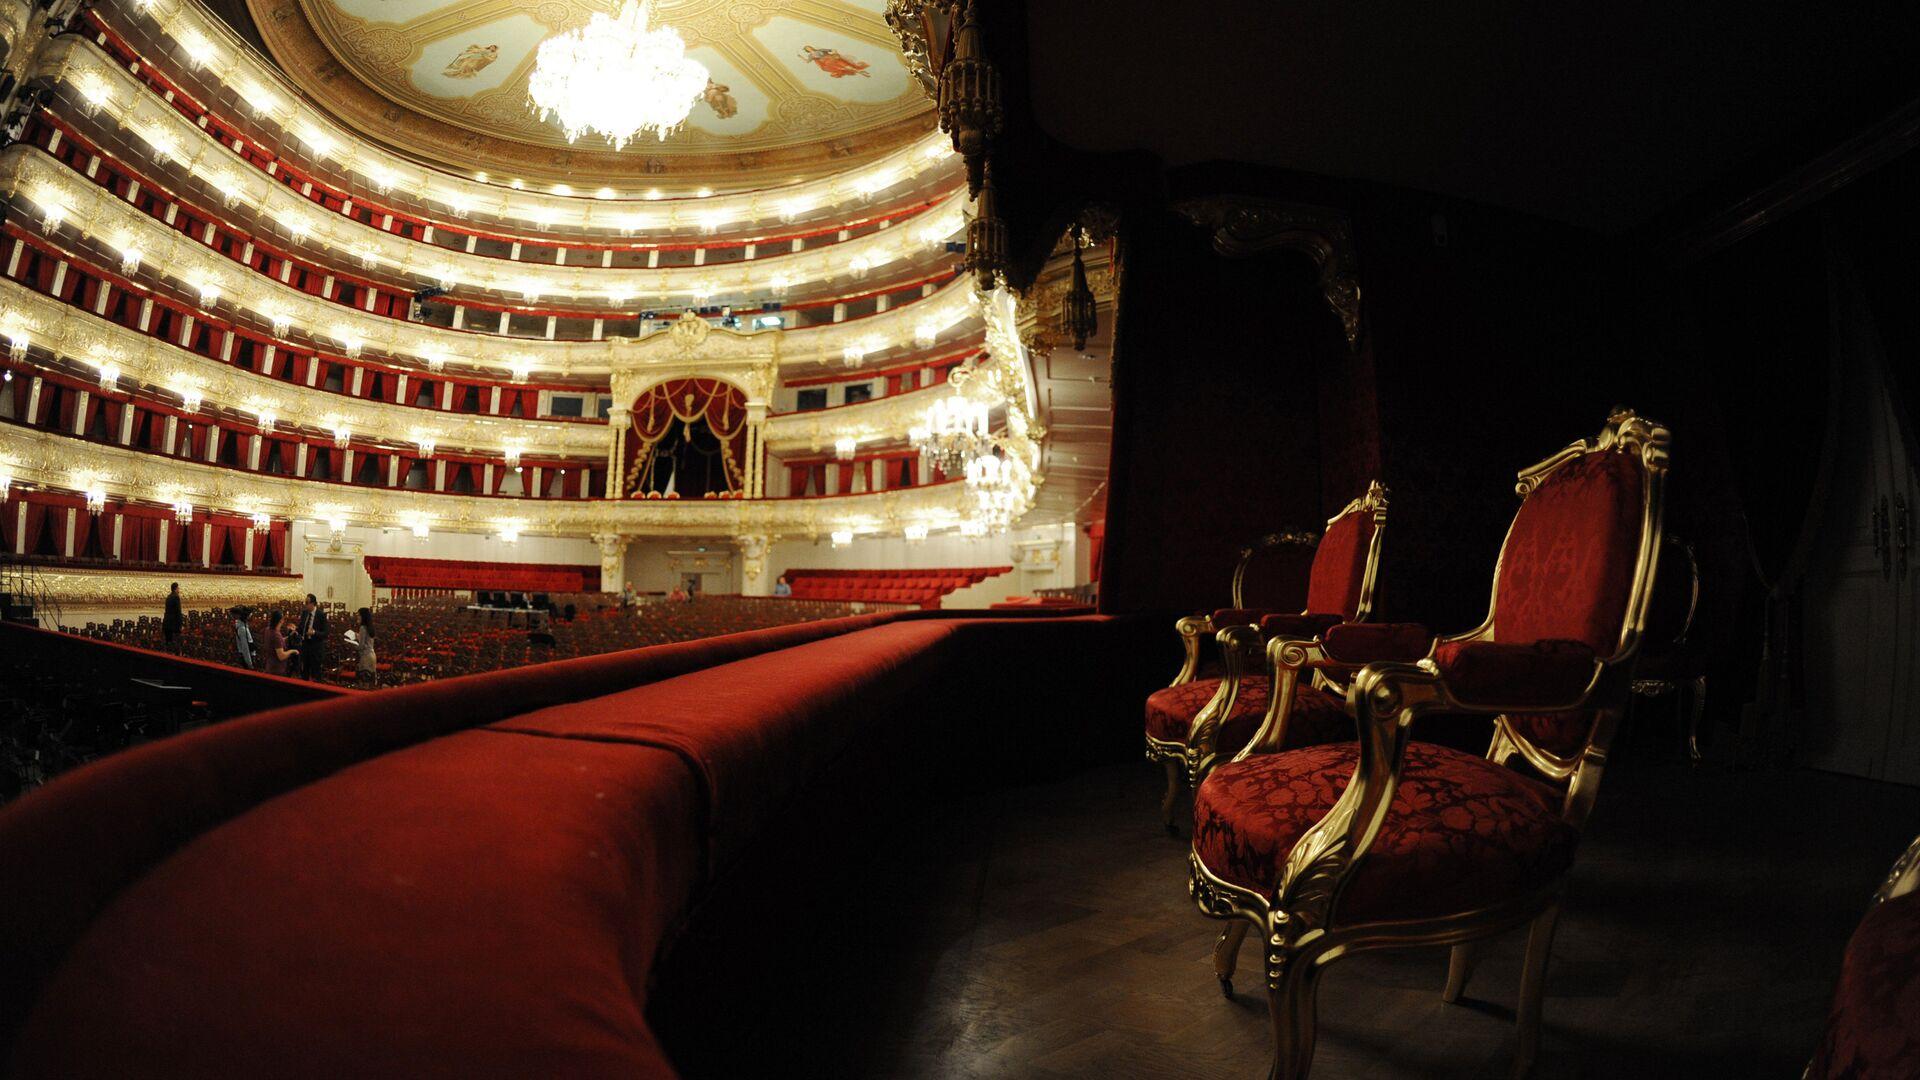 Интерьер Большого театра в Москве после завершения реконструкции - РИА Новости, 1920, 24.05.2021